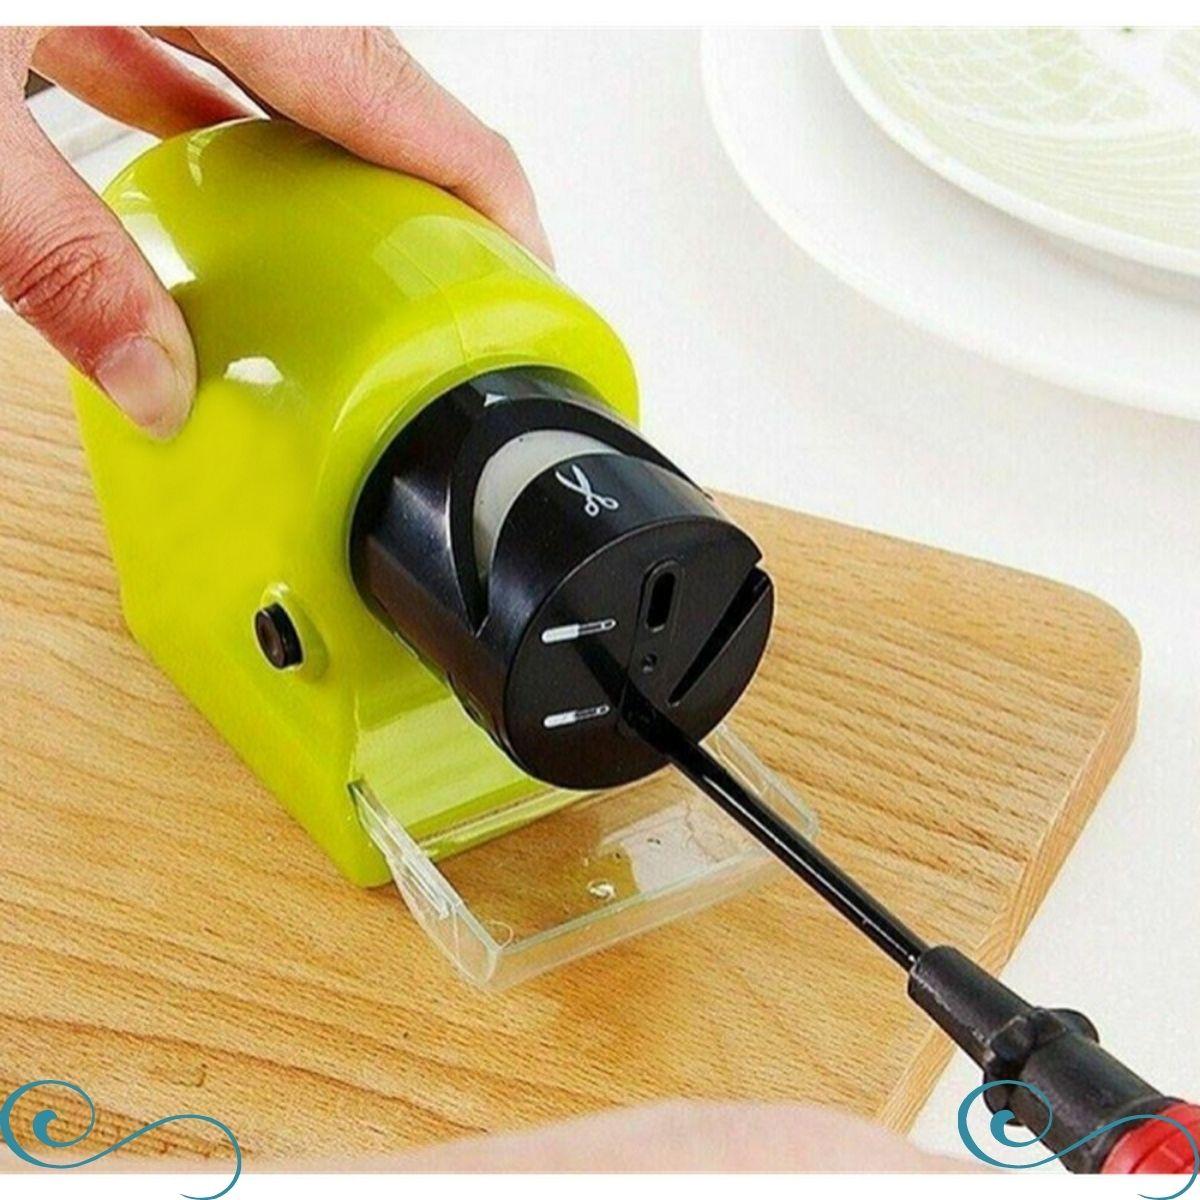 Amoladores de Facas elétricos Portátil Broca